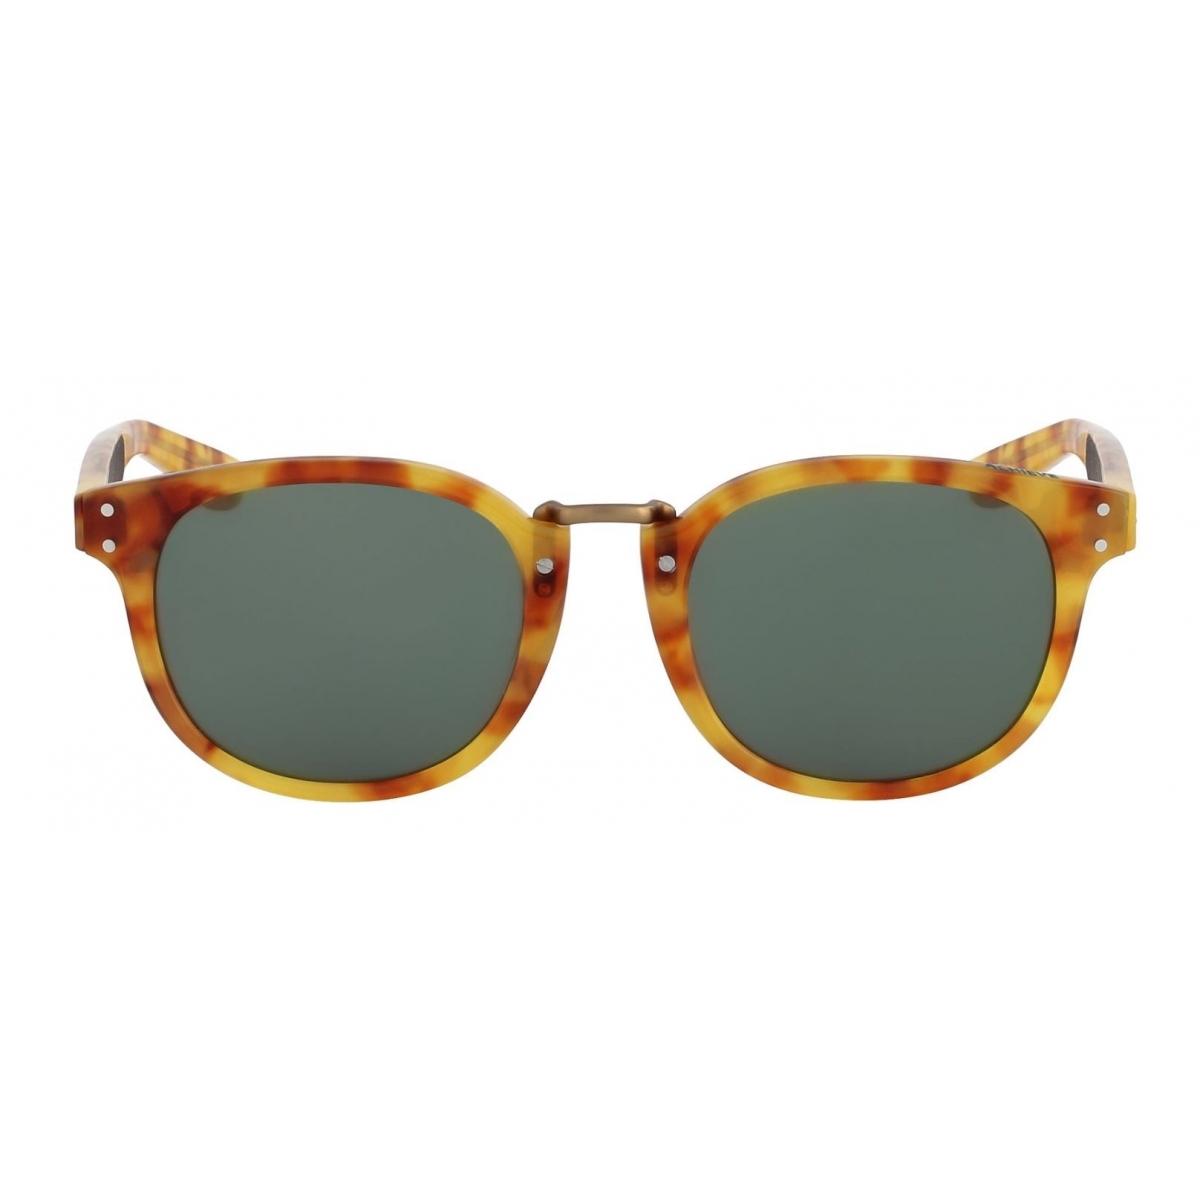 Lunettes De Soleil Femme Nike Achieve Copper Tortoise Gold ... b55101f63867